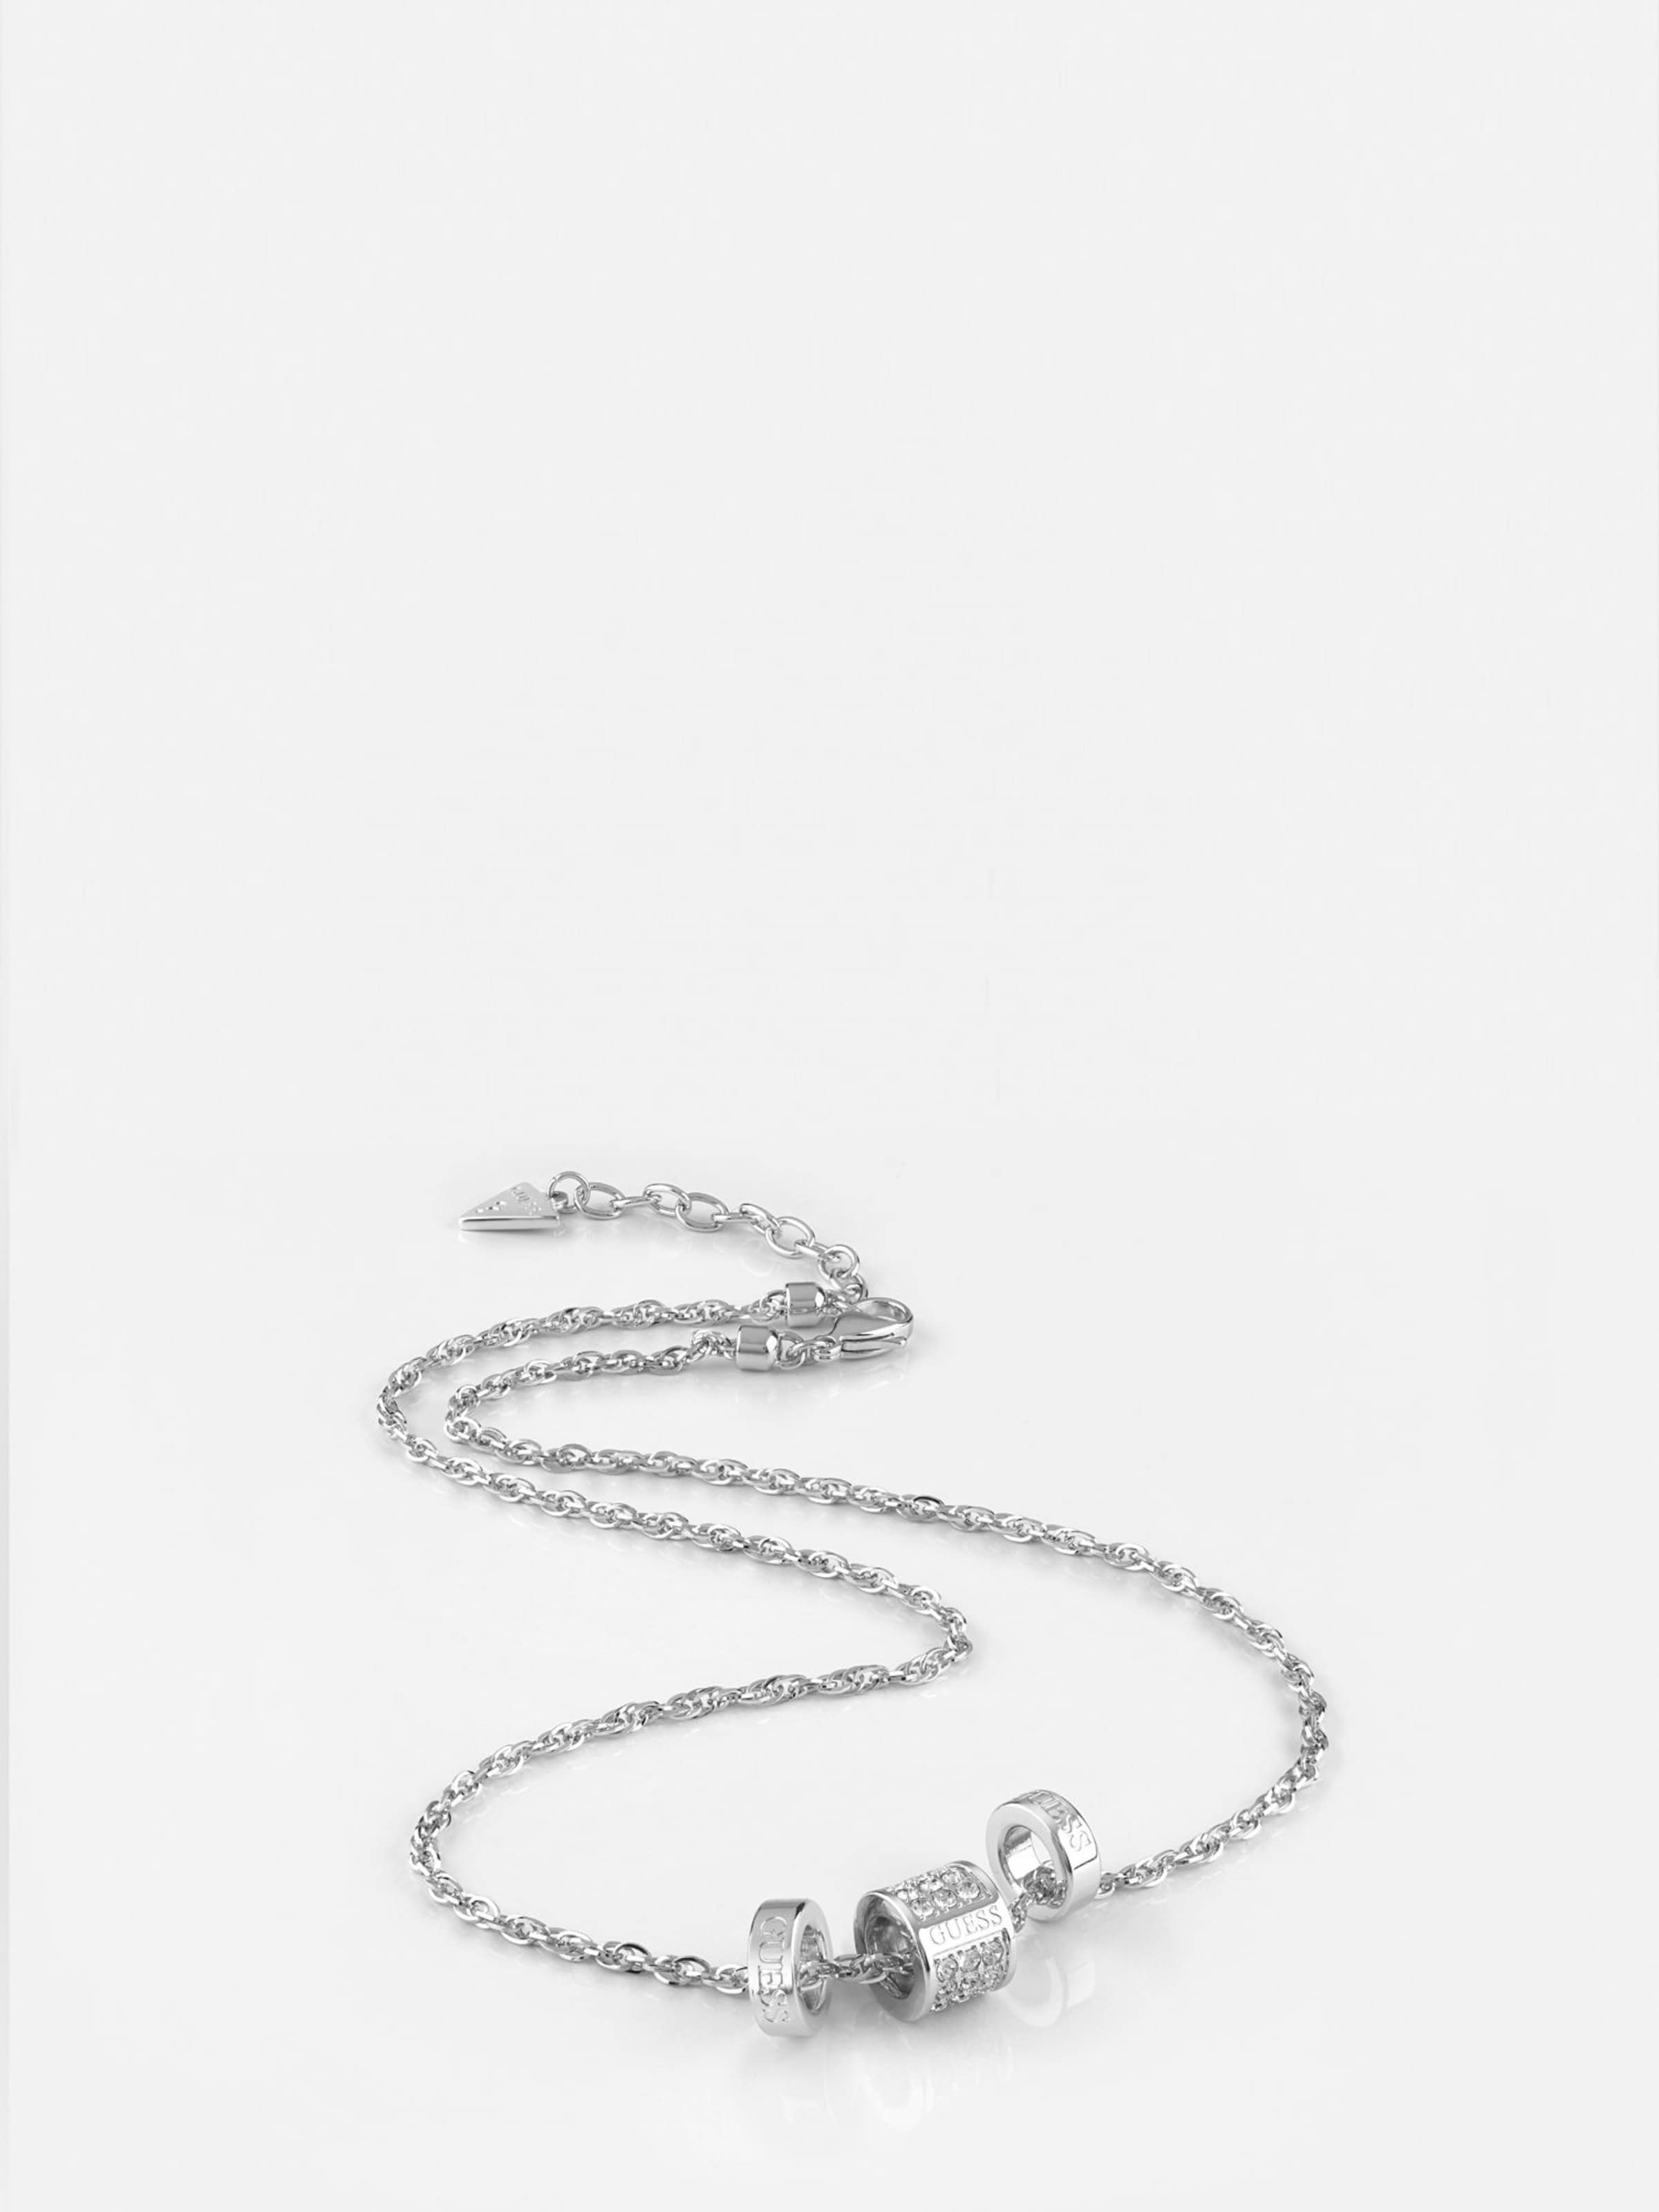 Silber Guess In 'love Knot' Kette y8PvmwONn0